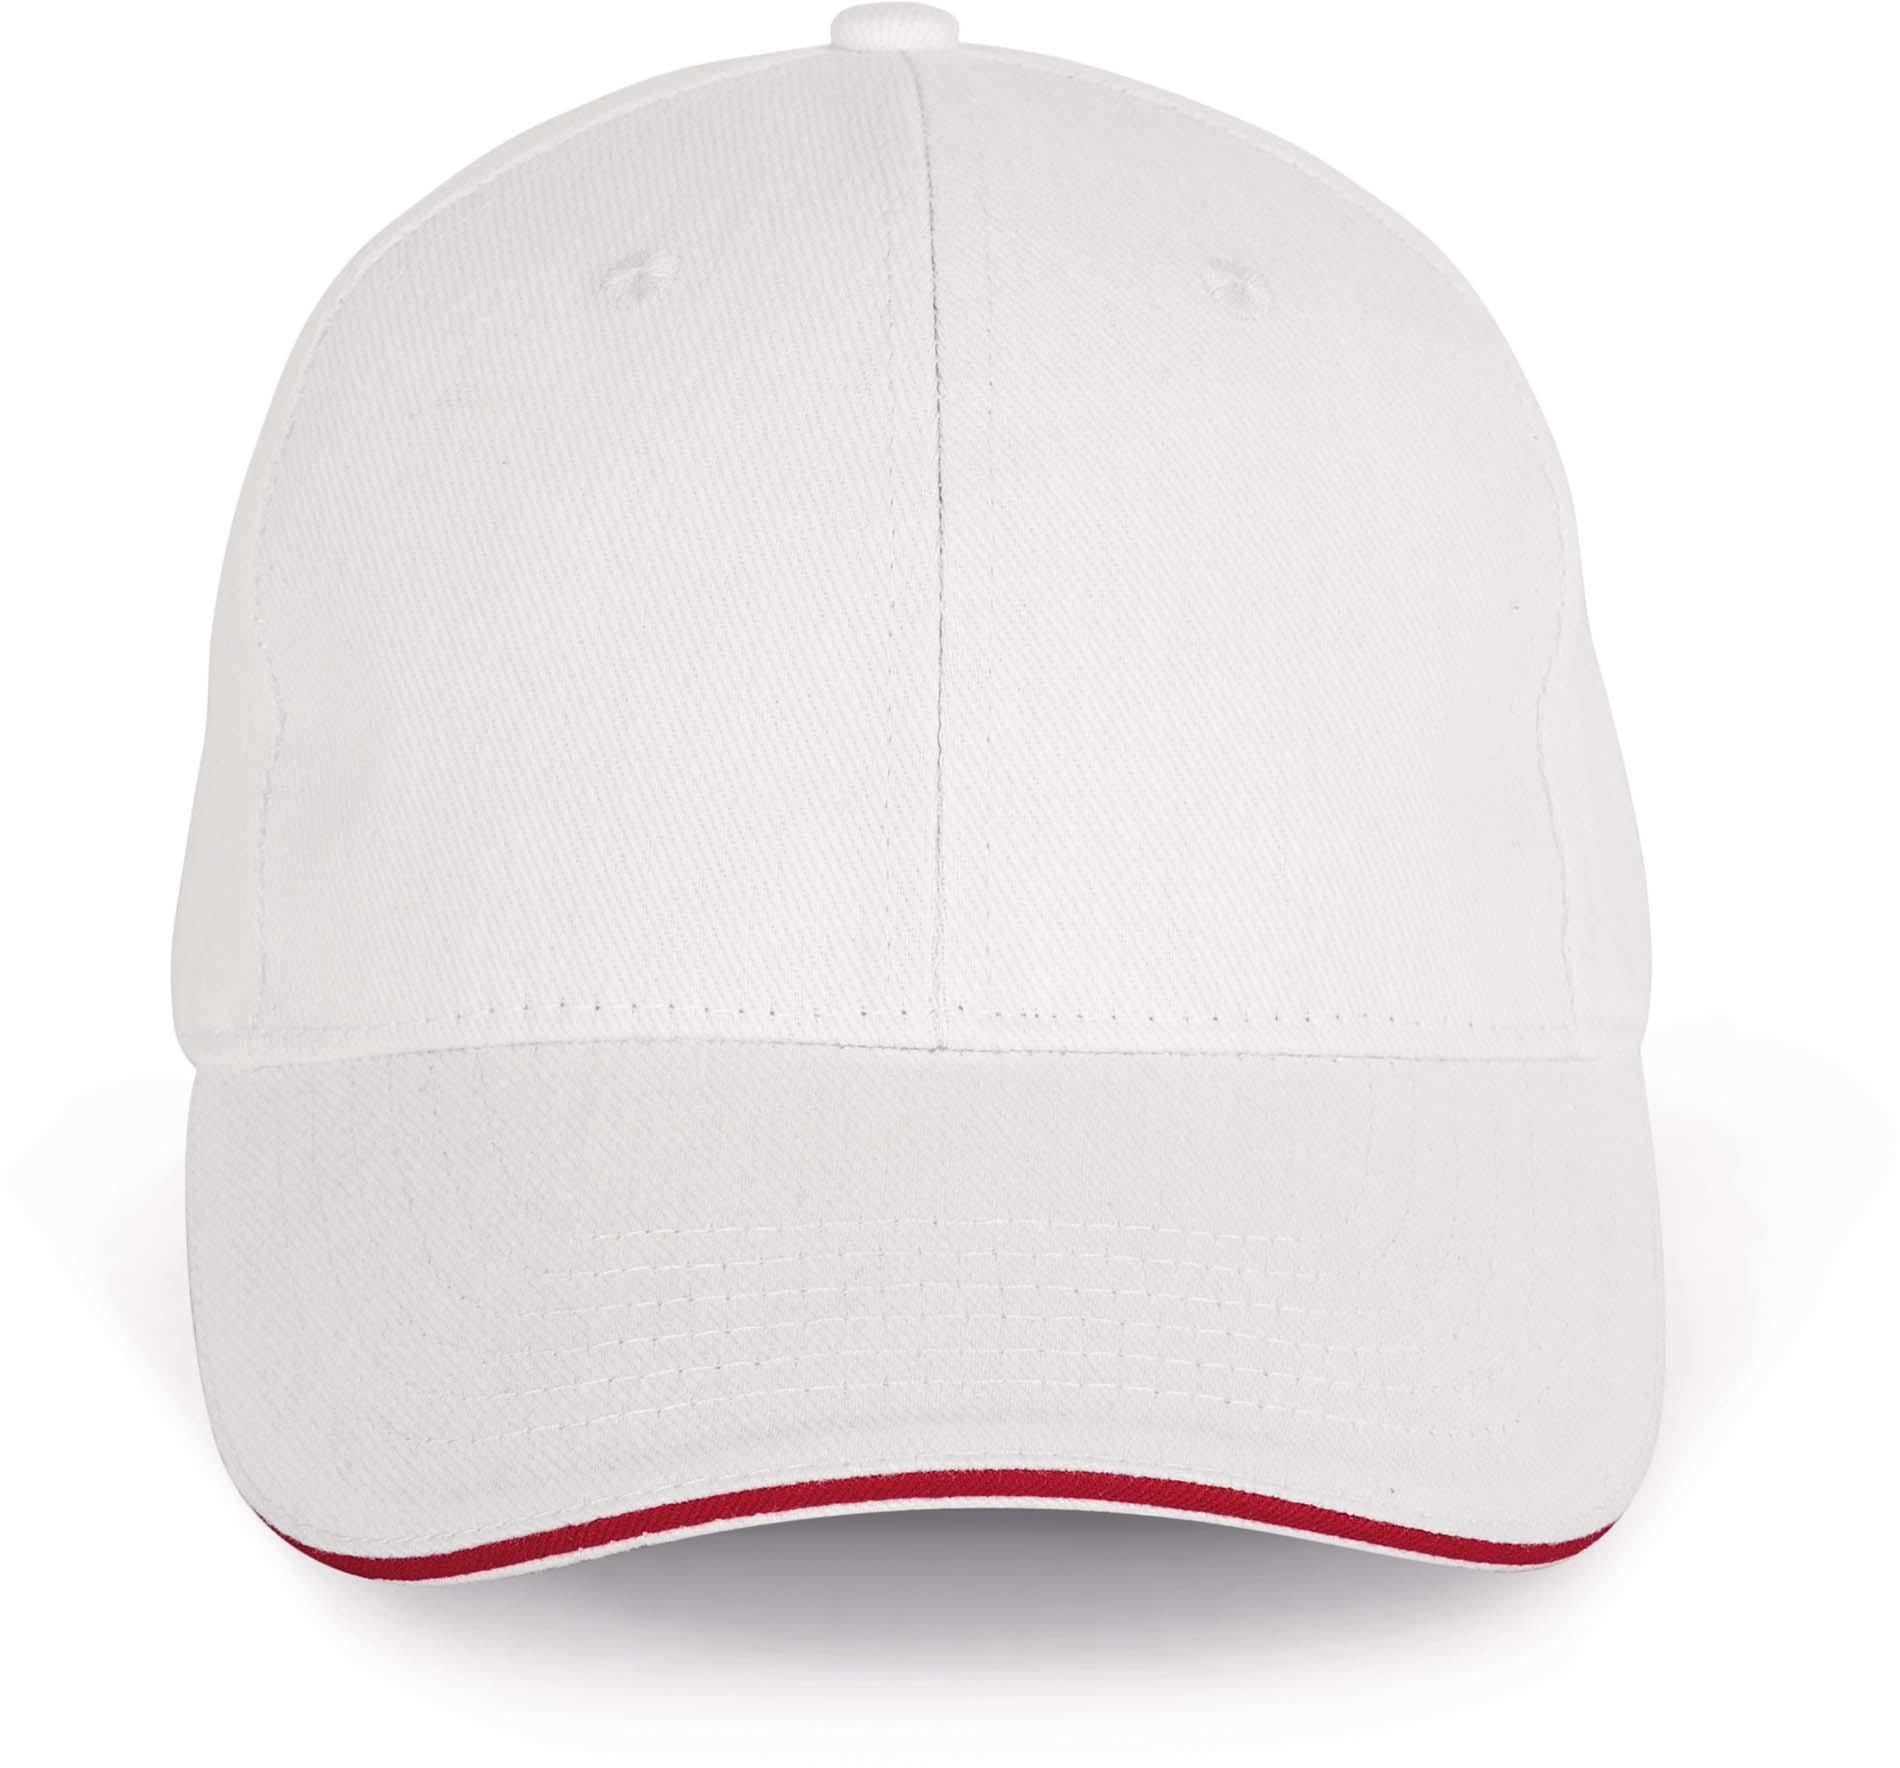 Cap van 100% Biokatoen kleur Wit-Hibiscus Rood